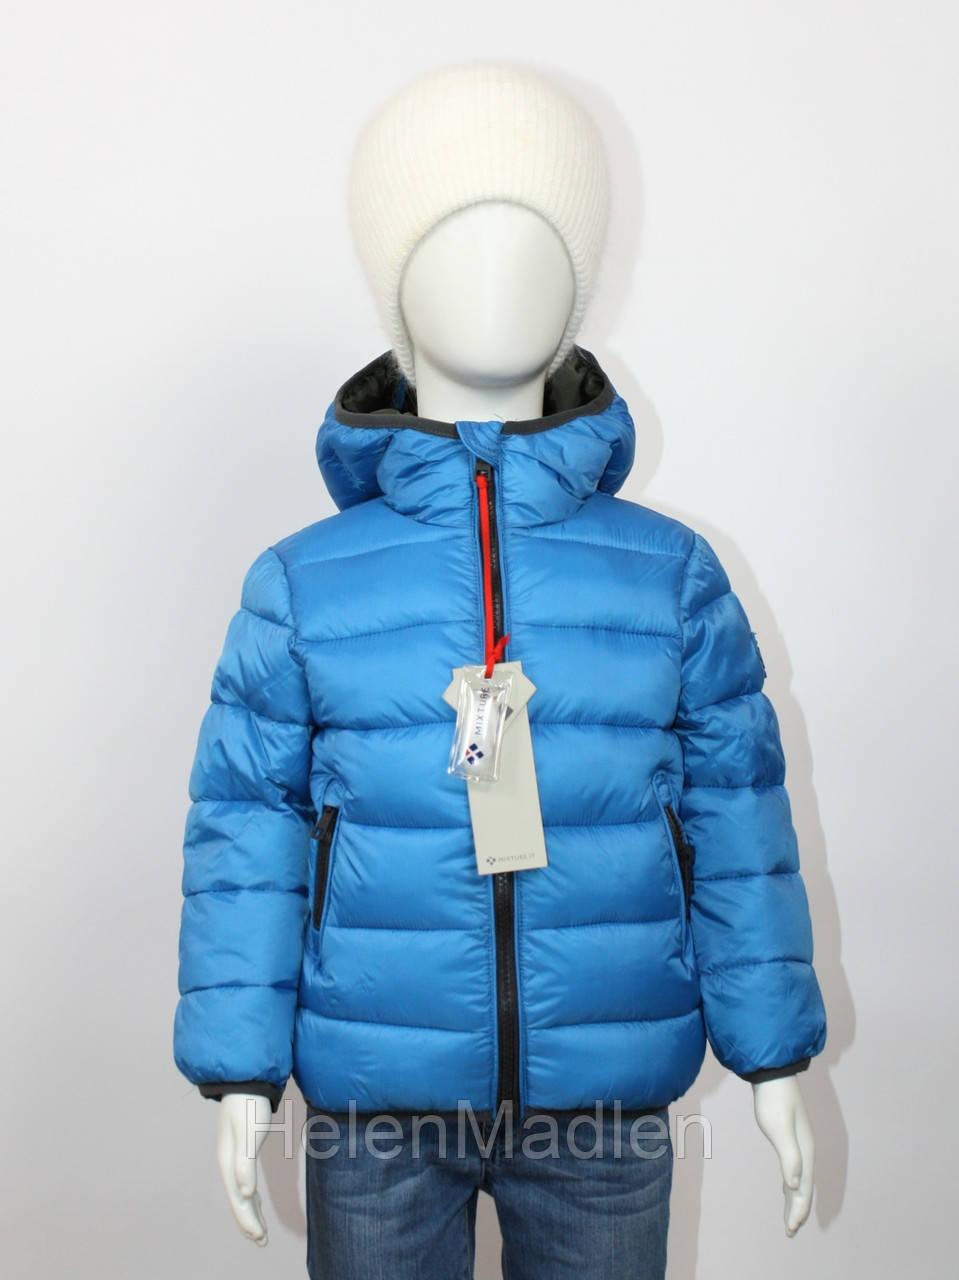 13a0a74de8a Зимняя куртка для мальчика Mixture купить верхняя одежда детская в ...